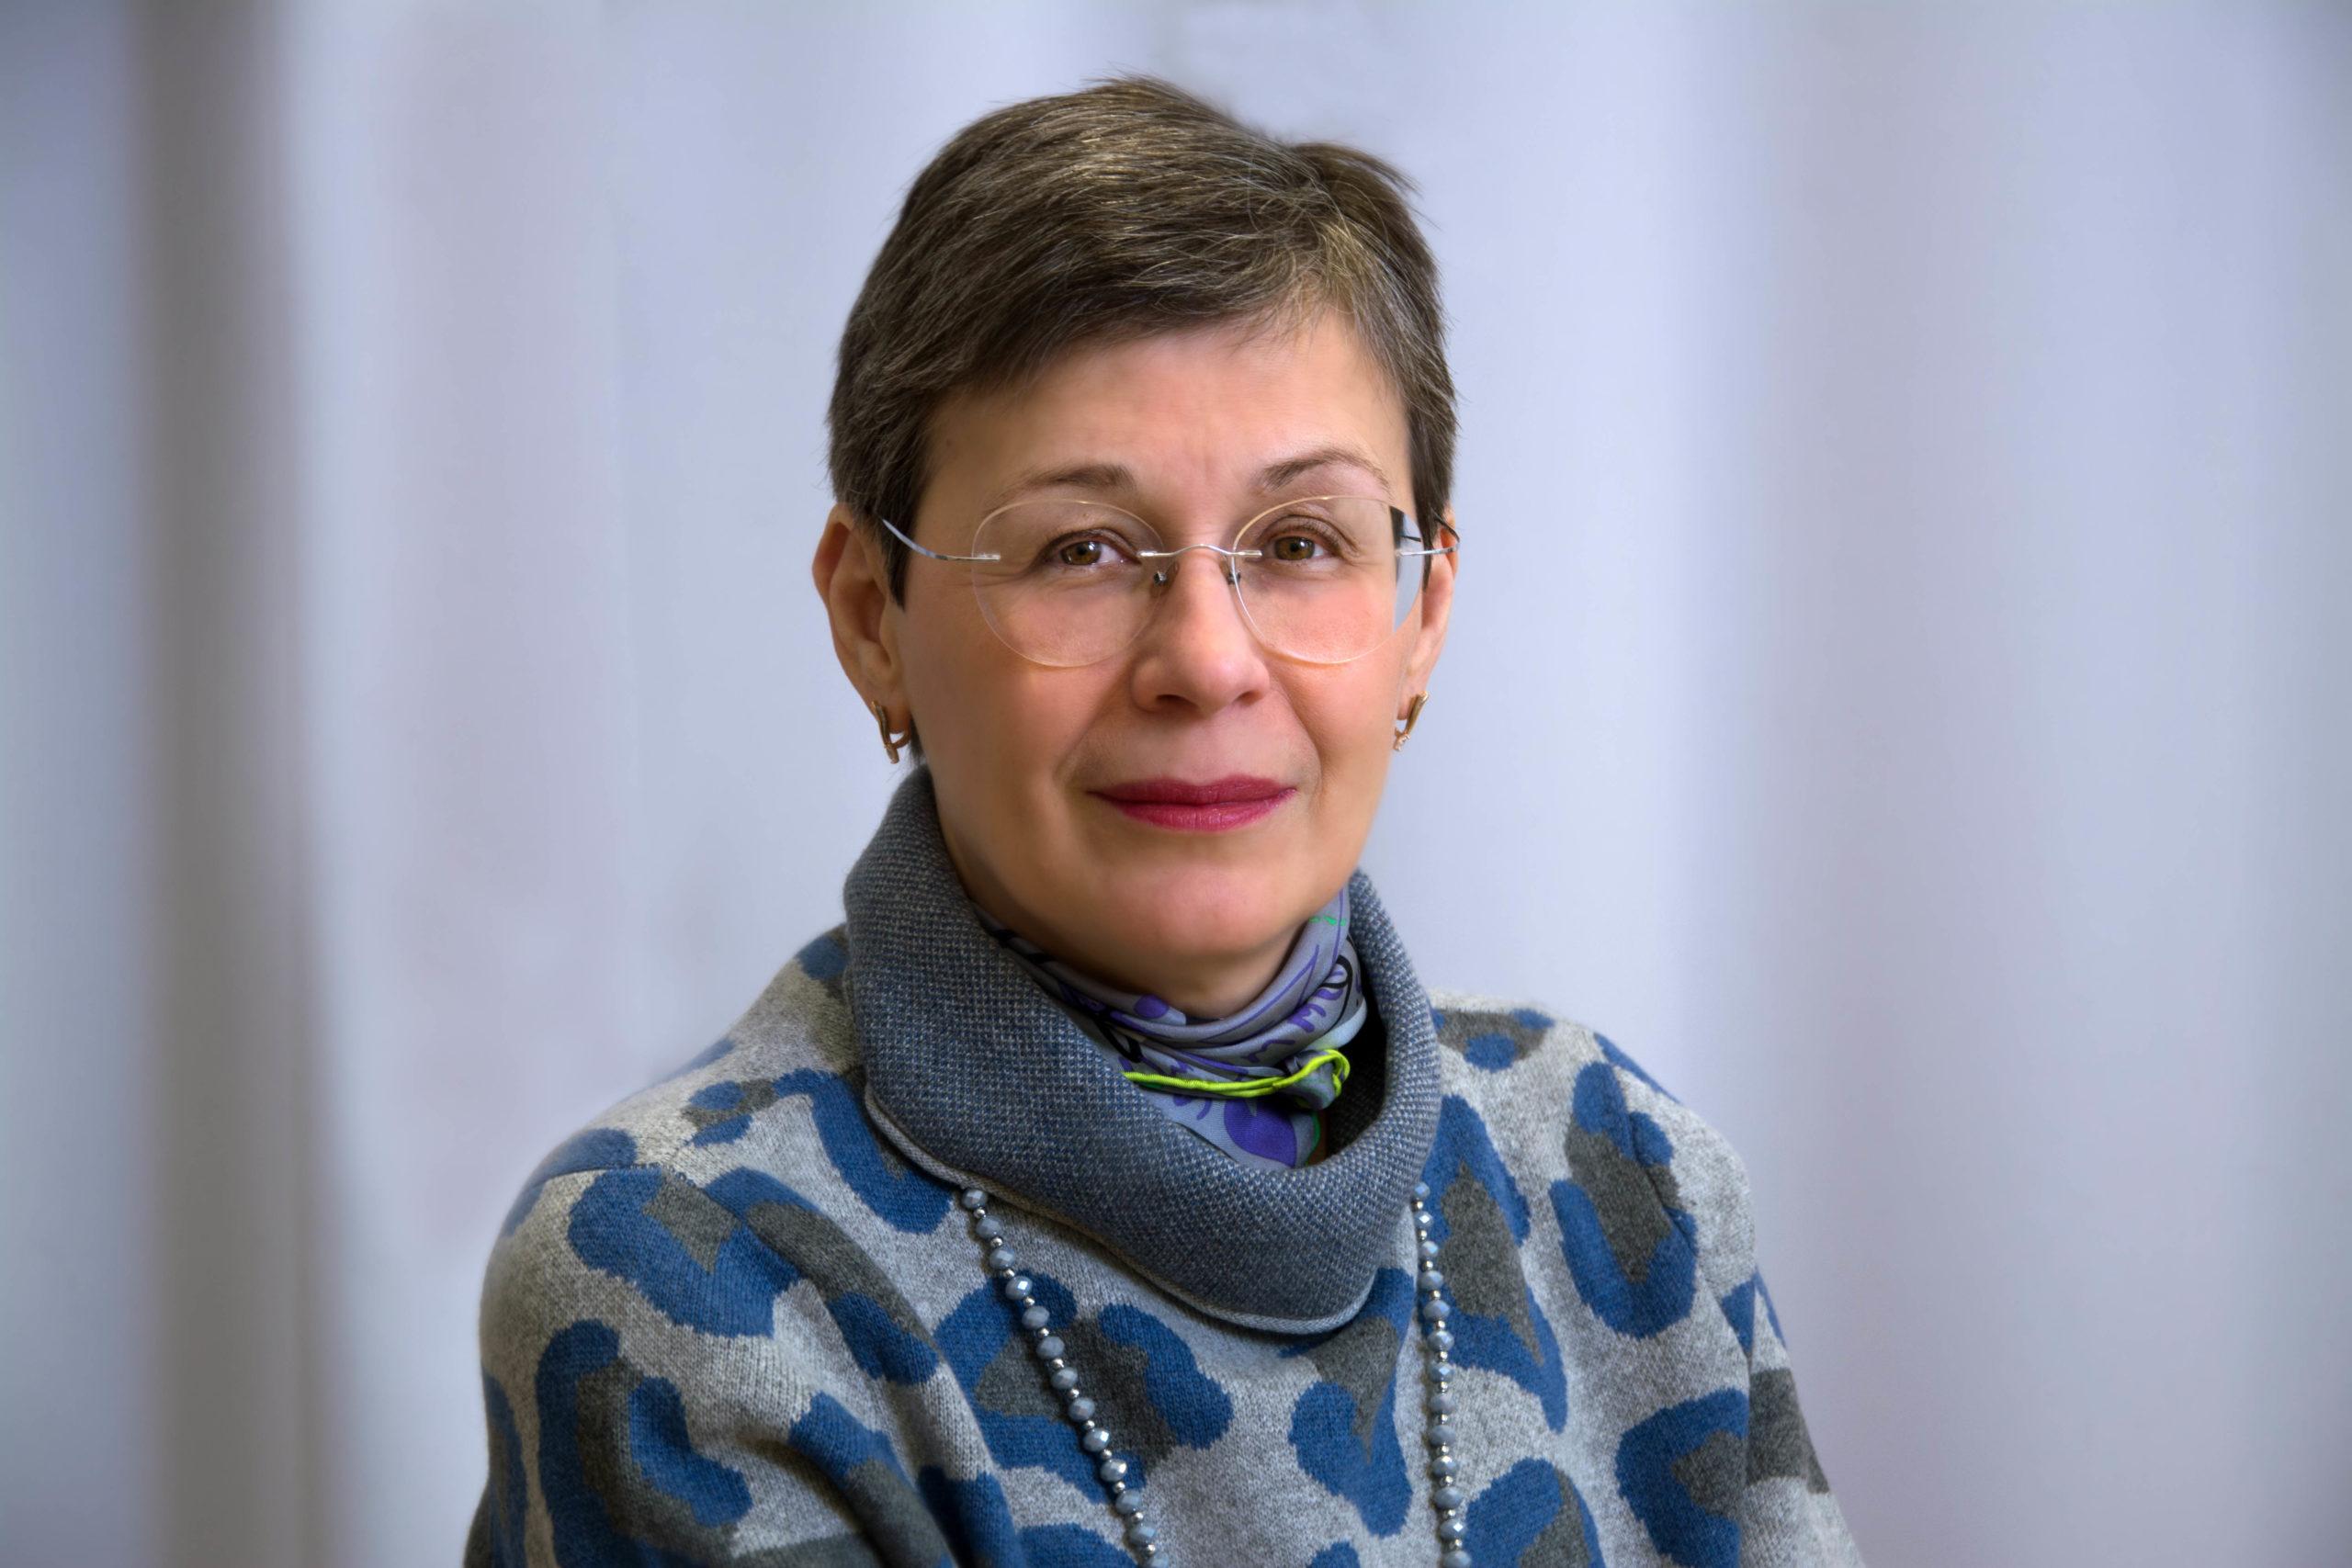 Tatjana Nepomnischi